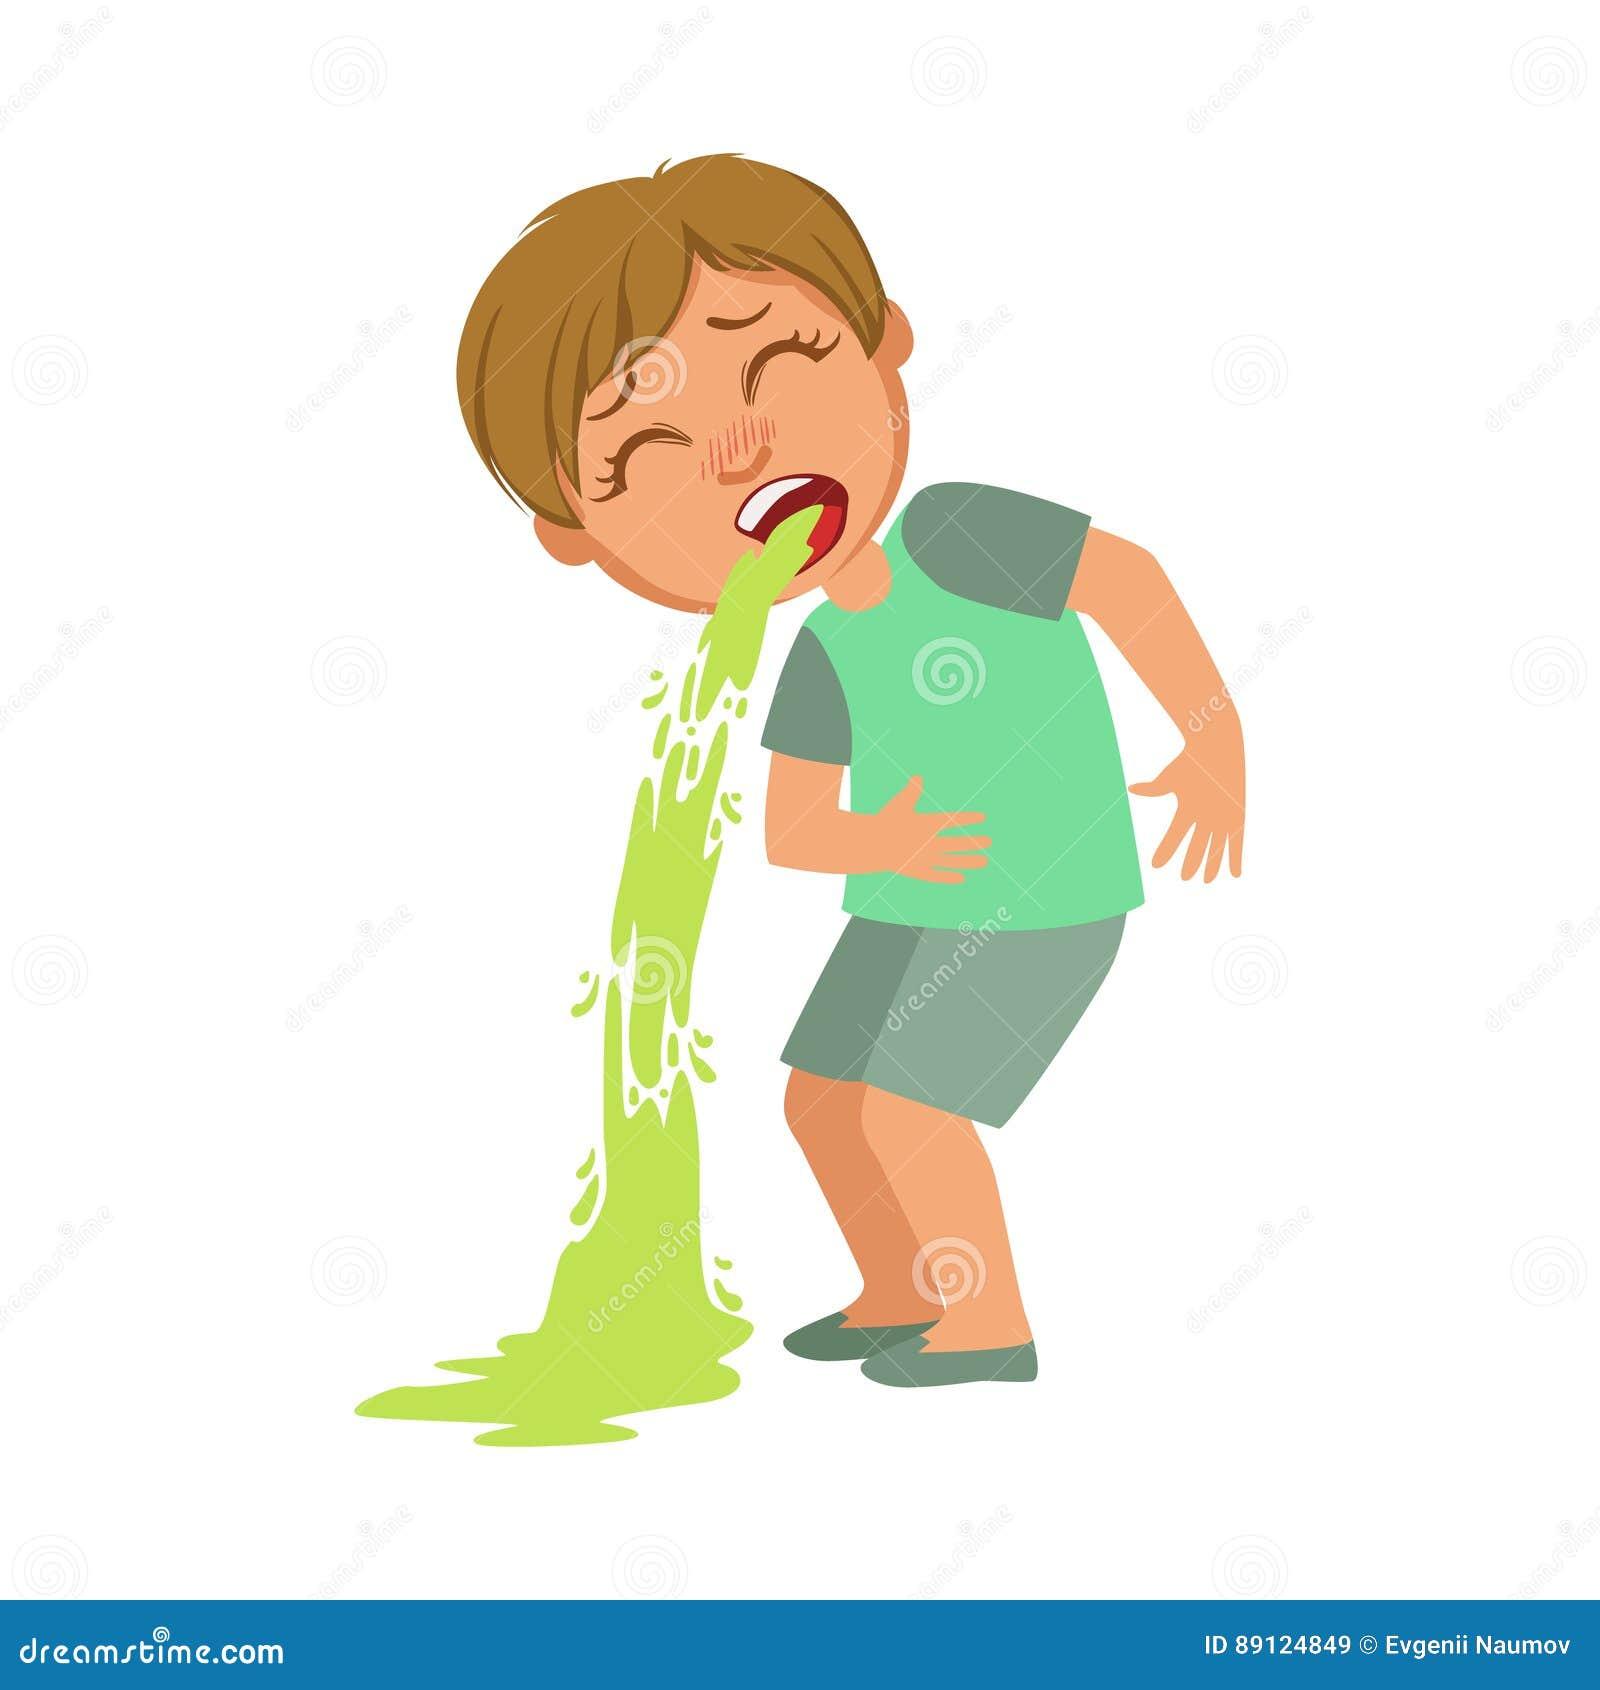 Spy för pojke, sjuk unge som känner sig opasslig på grund av sjukdomen, del av barn och hälsoproblemserie av